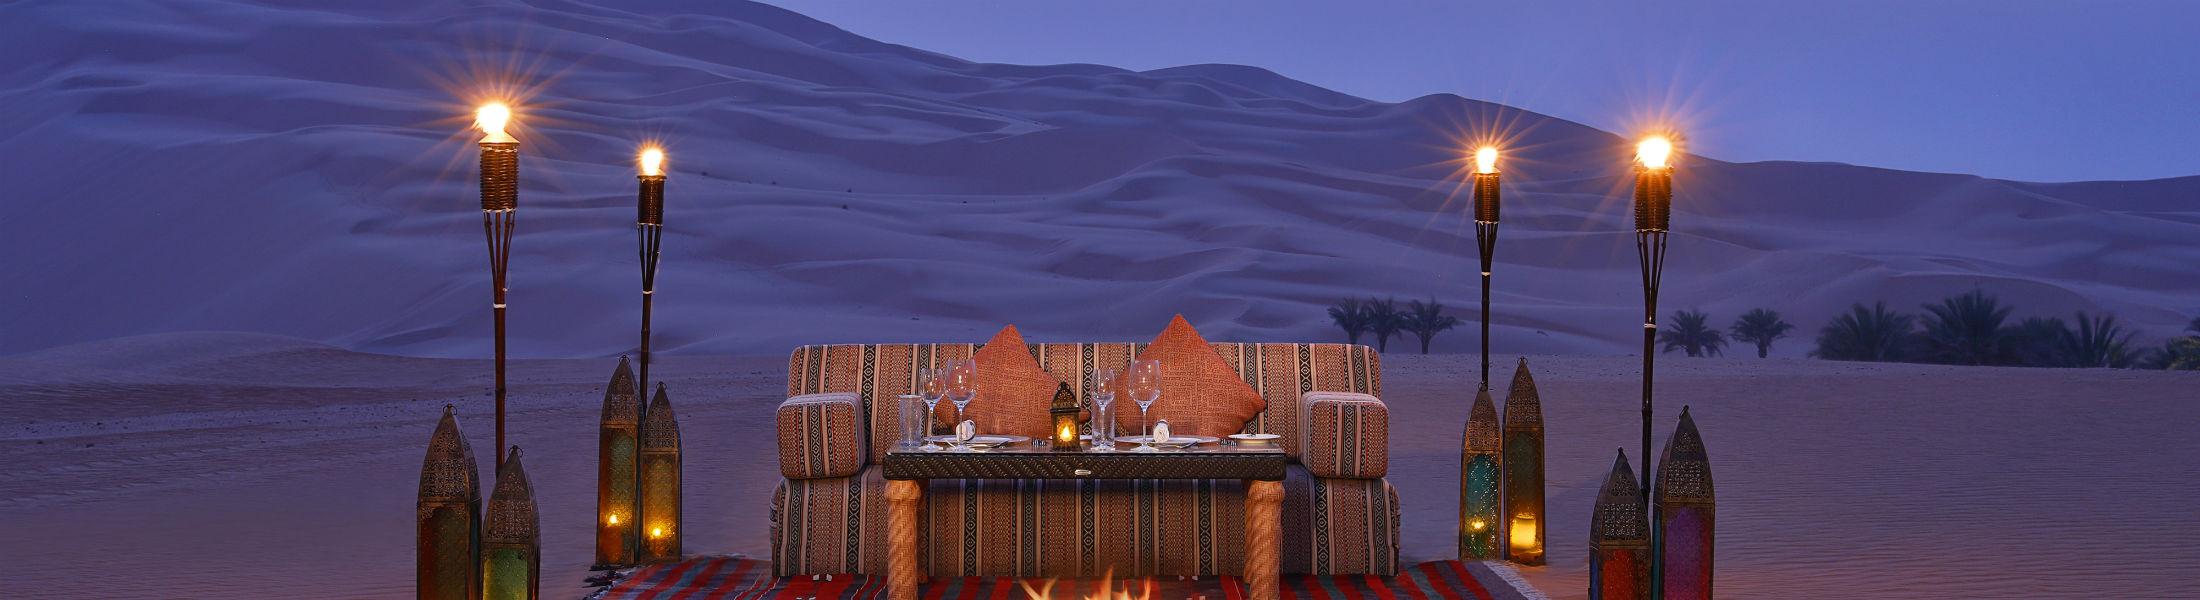 Dining by Design Arabian Cushions